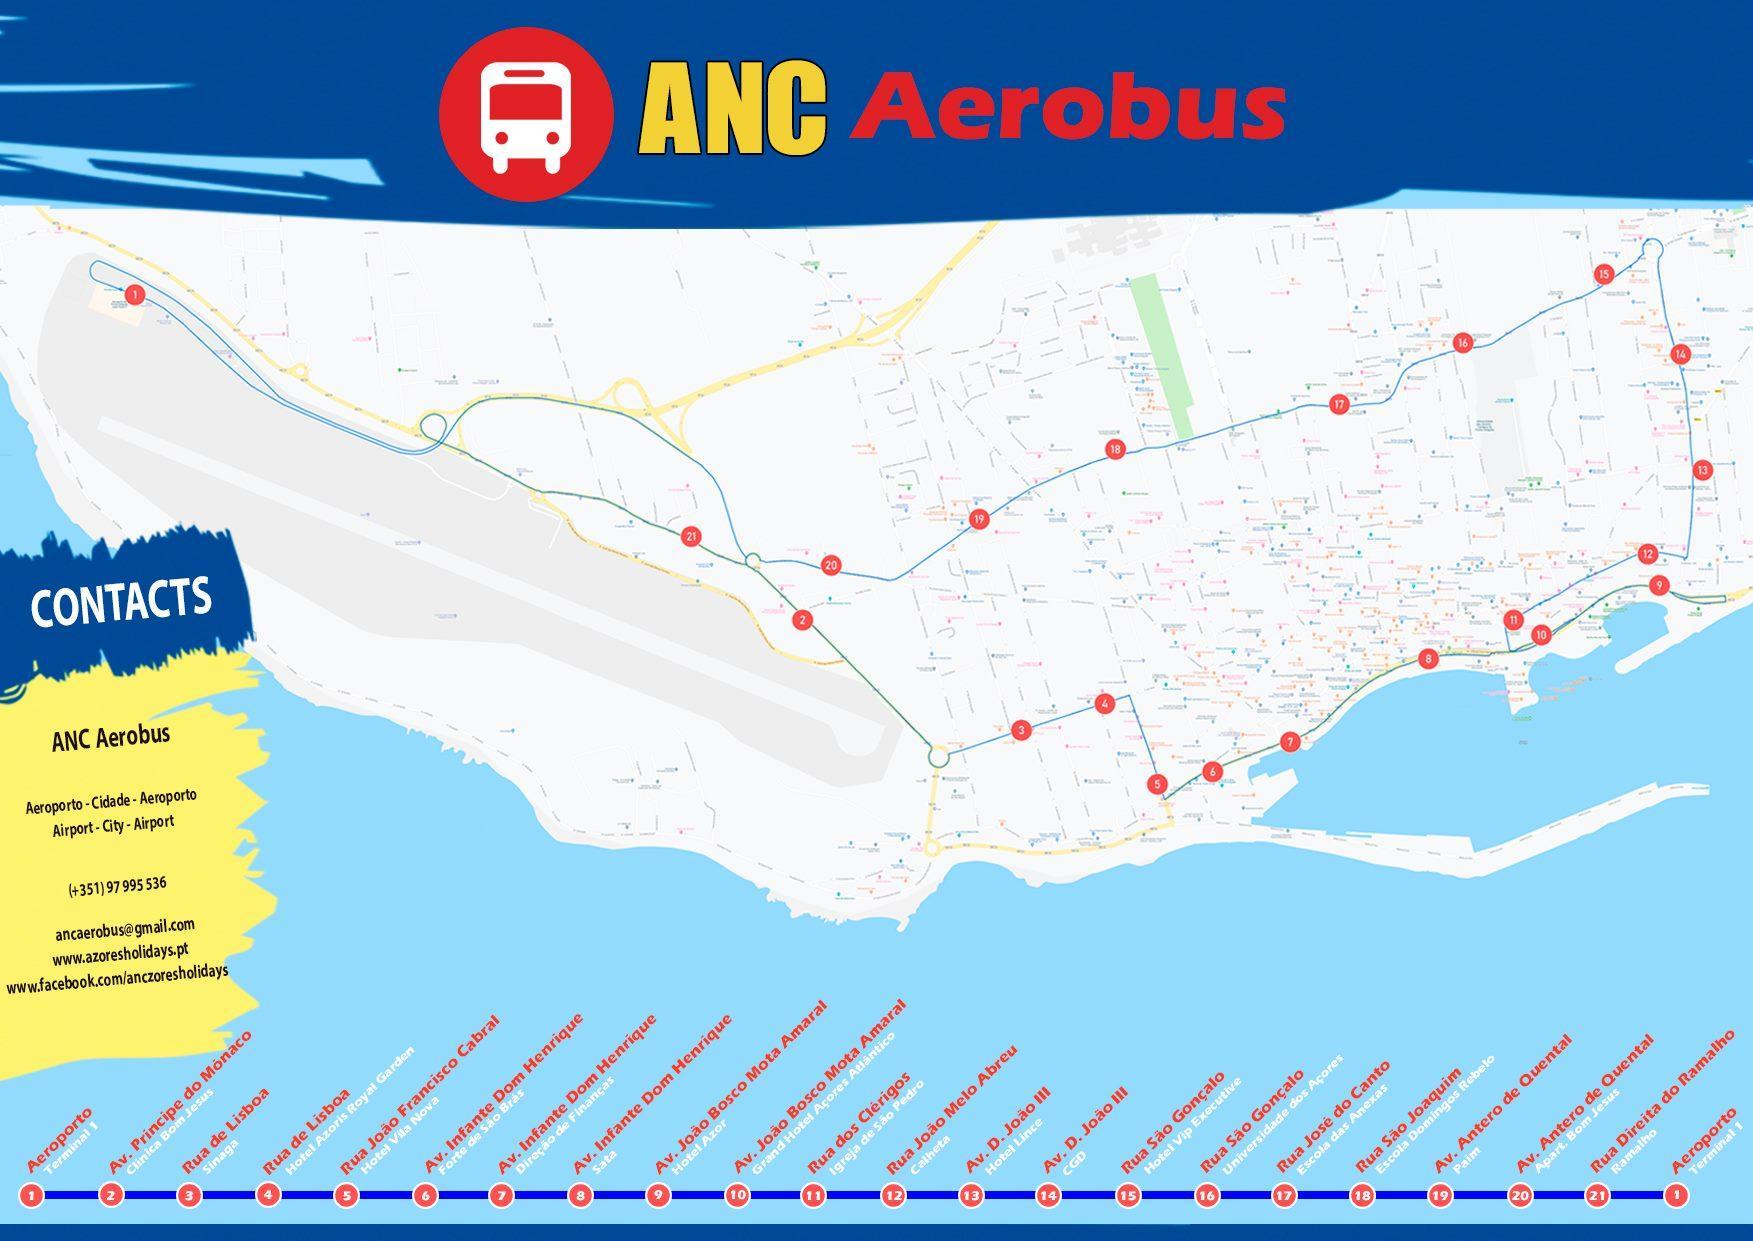 Mapa Trajecto Paragens ANC AeroBus - Ponta Delgada - São Miguel, Açores